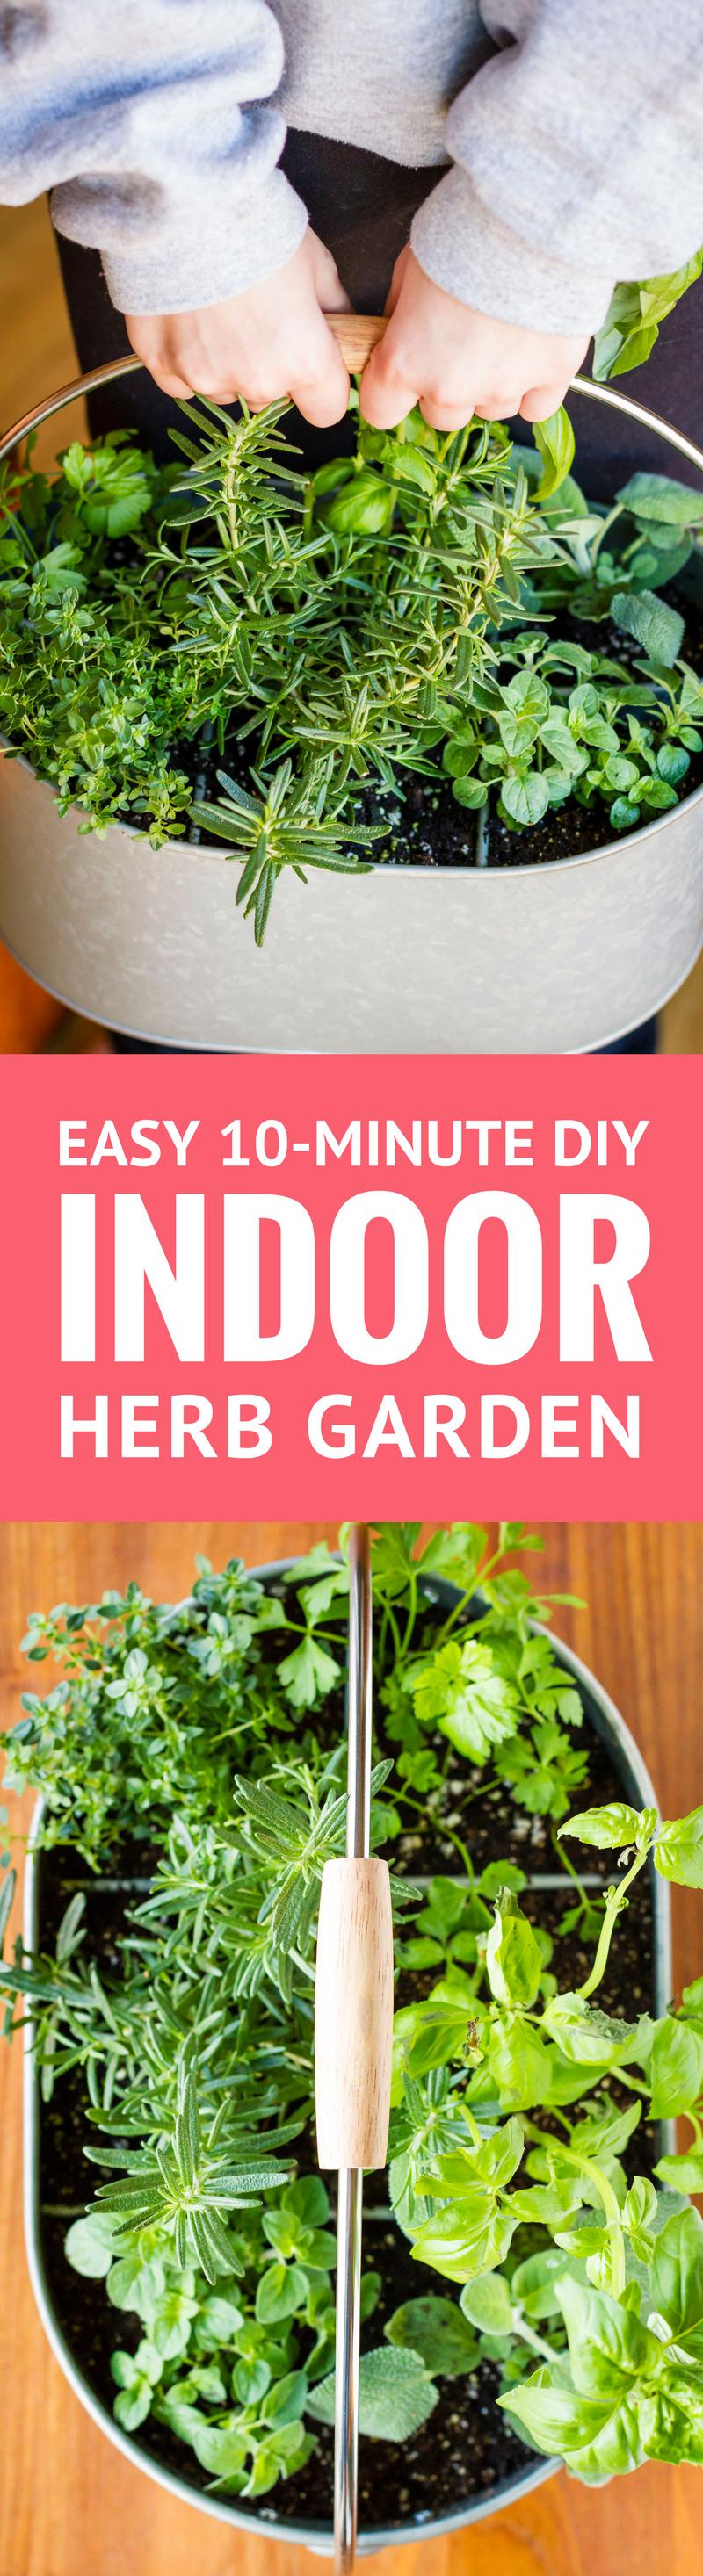 Easy Indoor Herb Garden I Was An Indoor Container 400 x 300